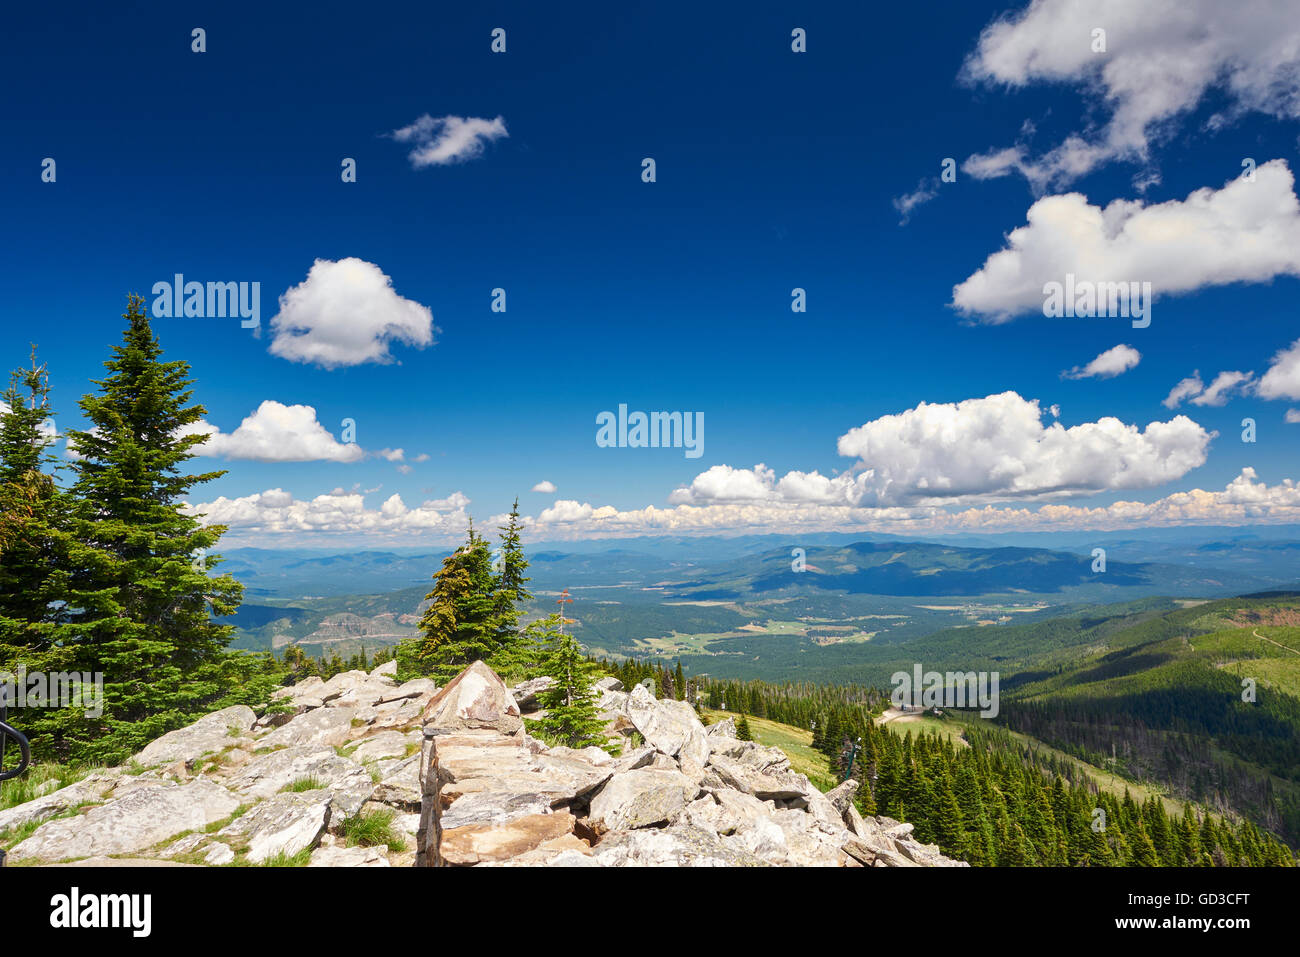 Mount Spokane in washington, USA. Stock Photo